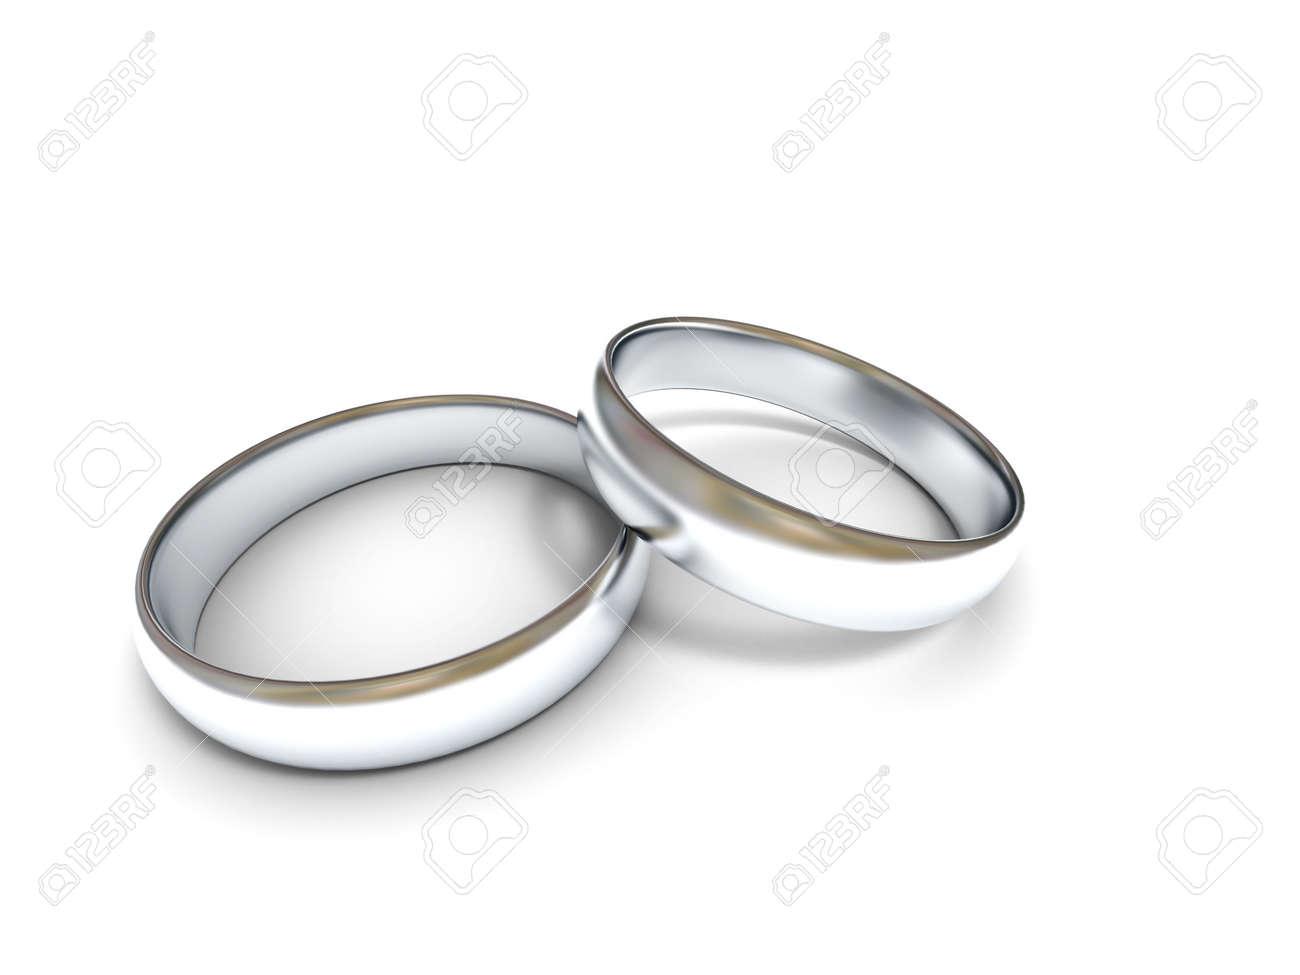 Zwei Silberne Hochzeit Ringe Auf Weissem Hintergrund Hochwertige 3d